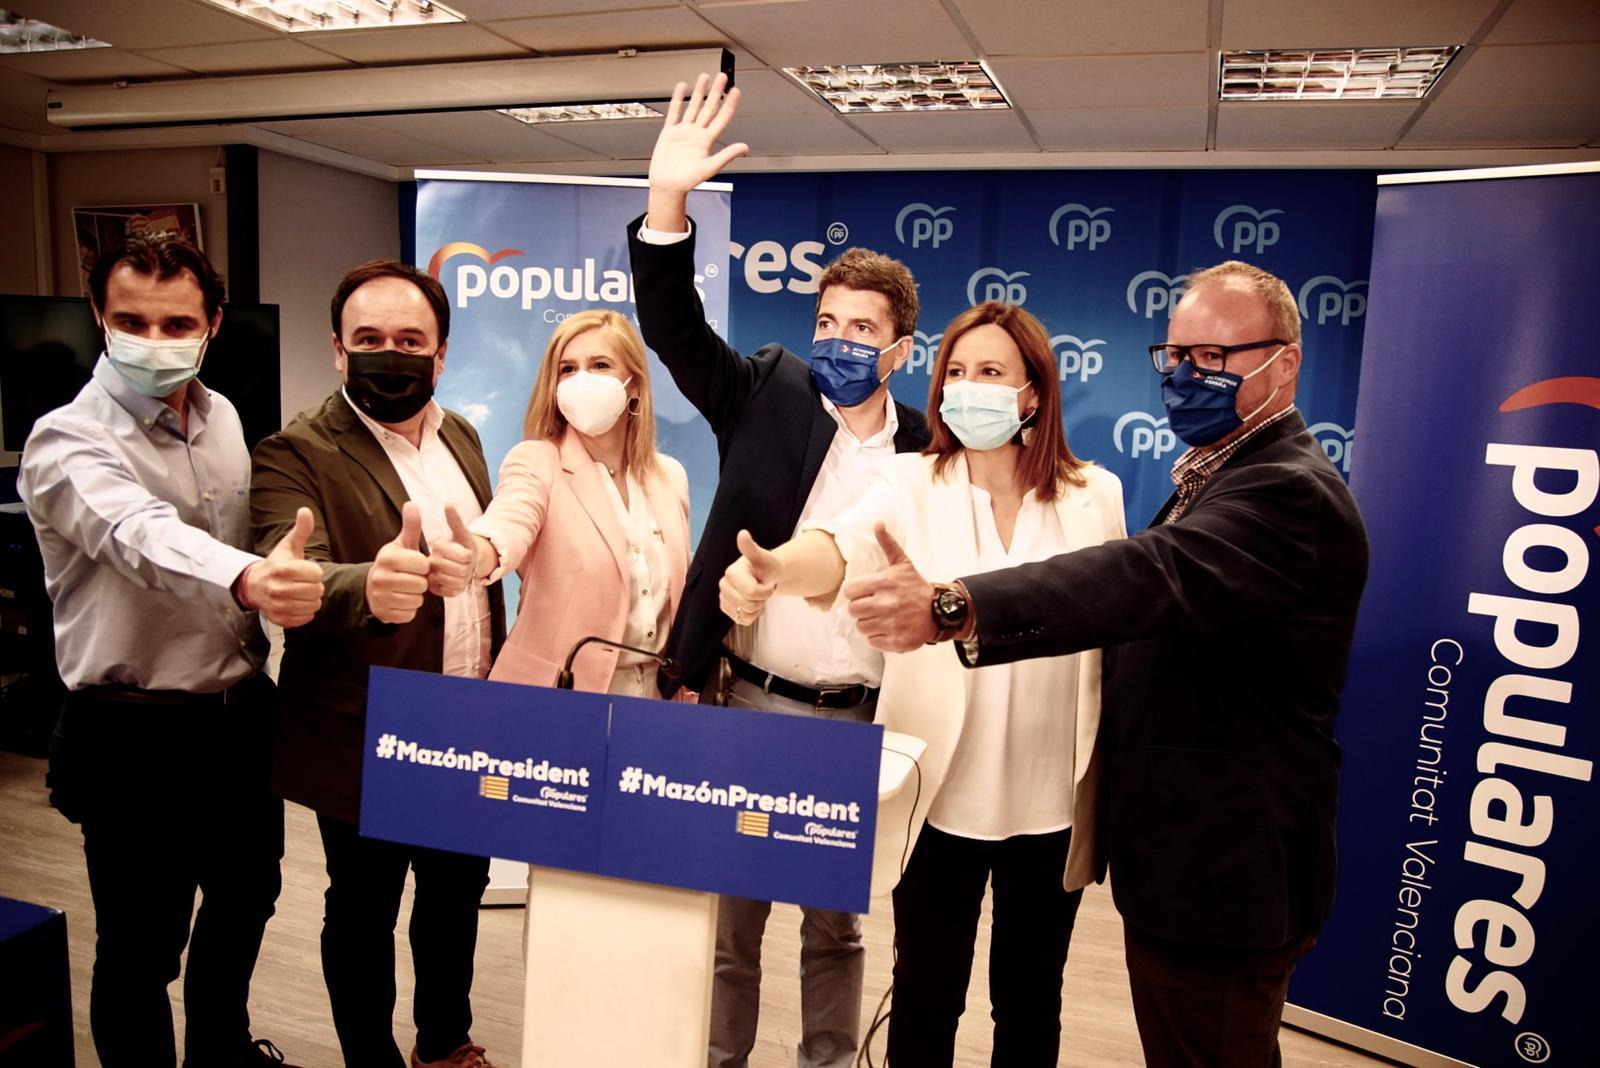 Carlos Mazón se presenta como candidato a presidir el PP valenciano con el apoyo de Génova